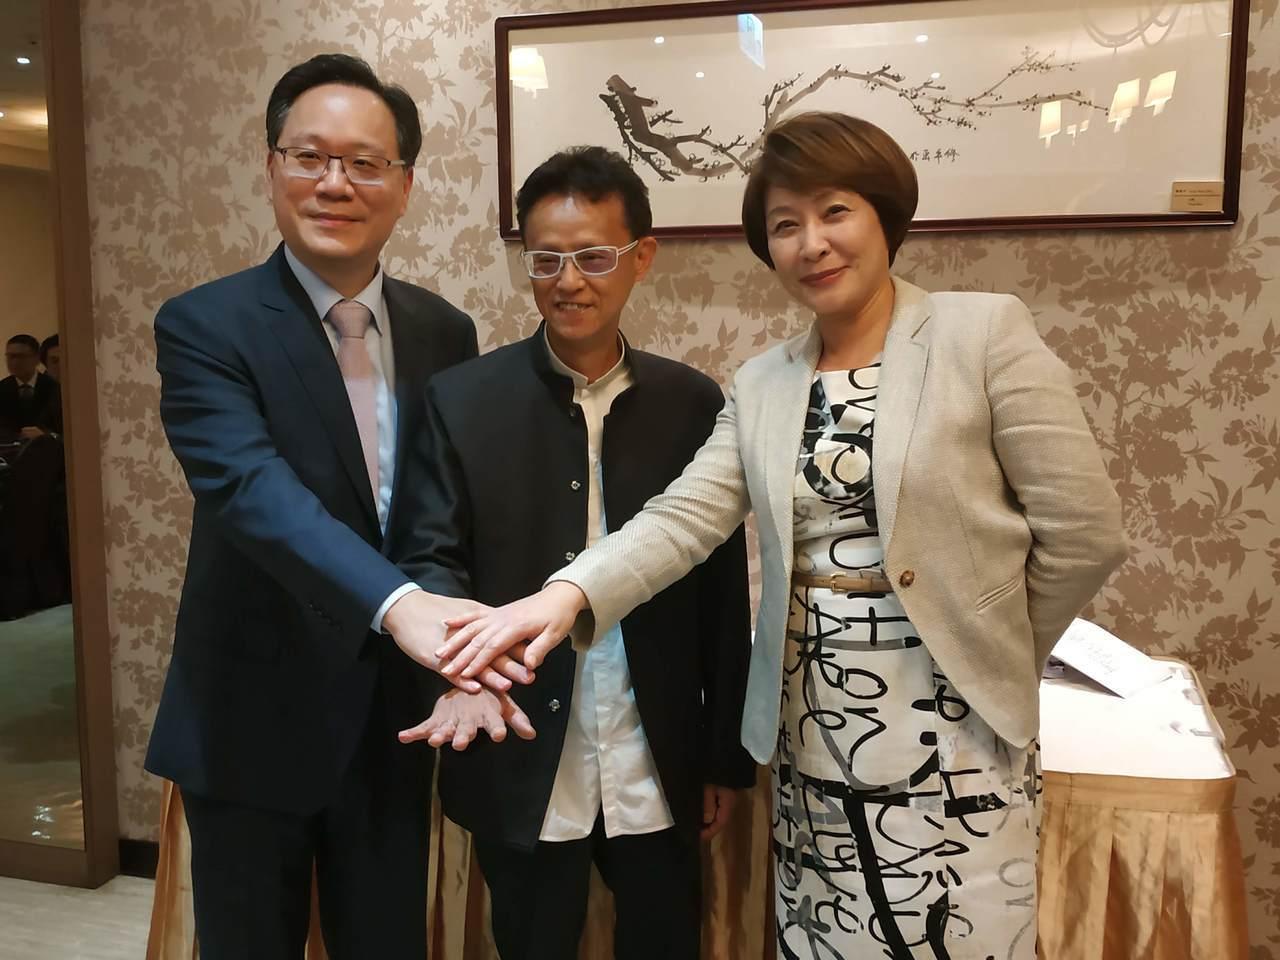 台灣連鎖暨加盟協會今(23)日舉辦第十屆第一次會員大會,並進行第九屆理監事團隊改...